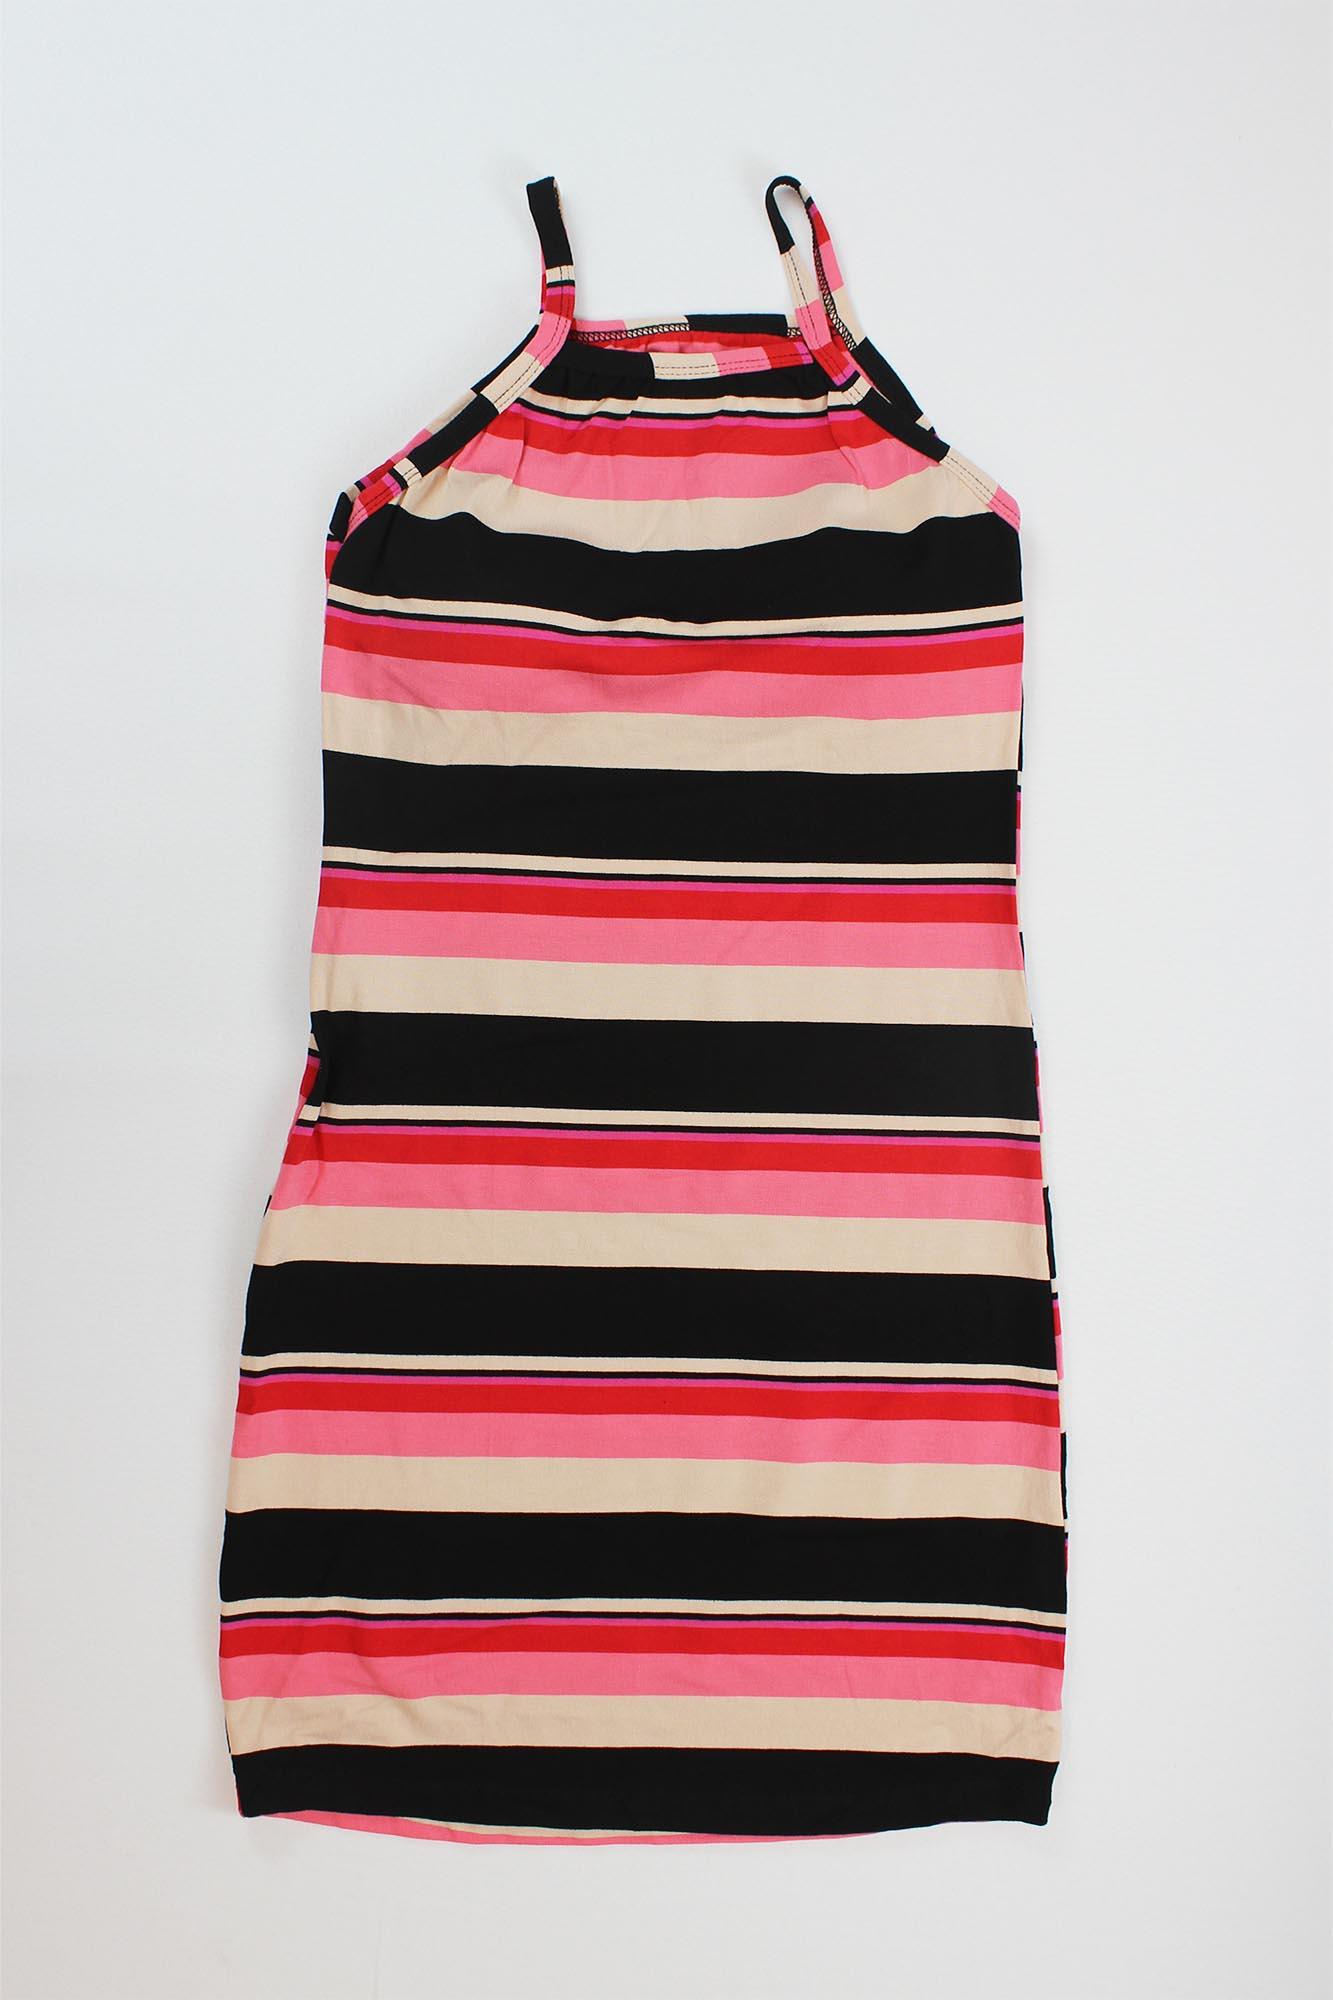 Vestido Curto Listrado com Bojo Feminino - Preto, Bege, Rosa e Vermelho